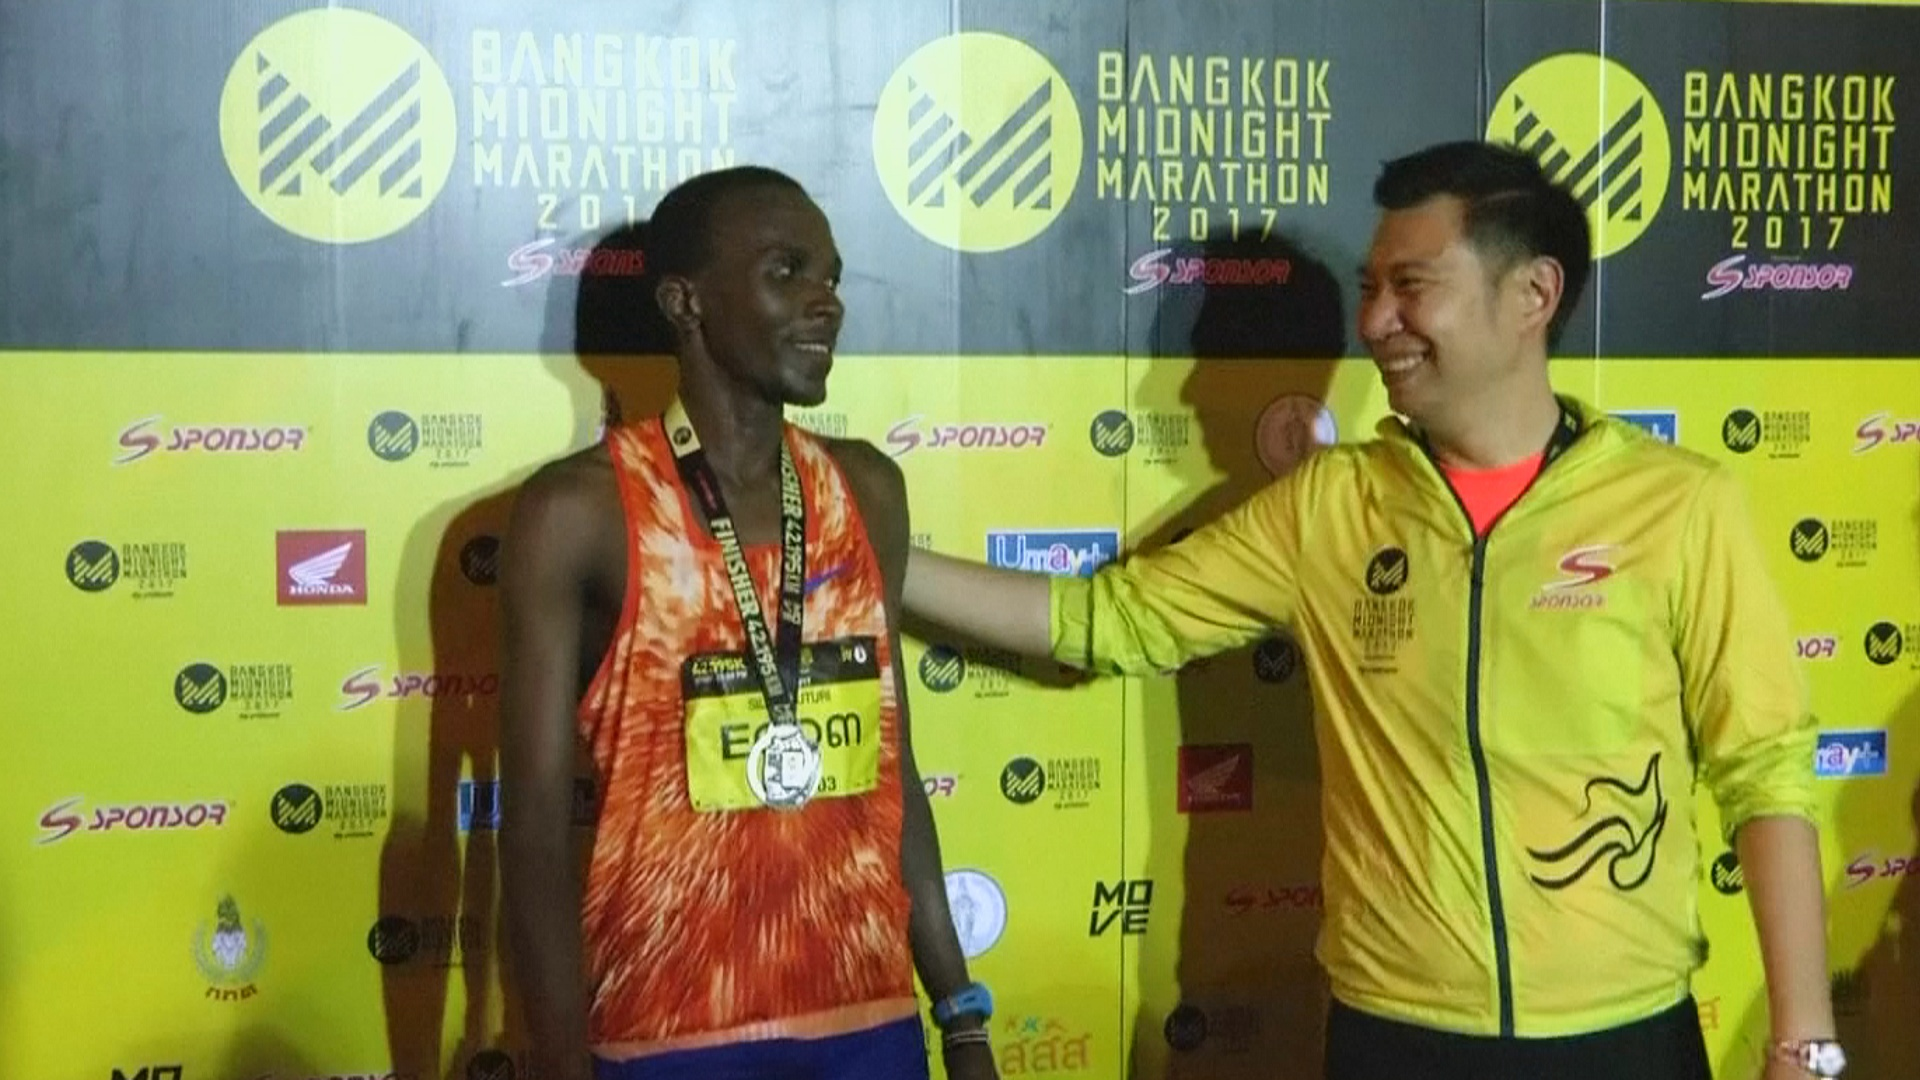 В ночном марафоне в Бангкоке победили кенийцы